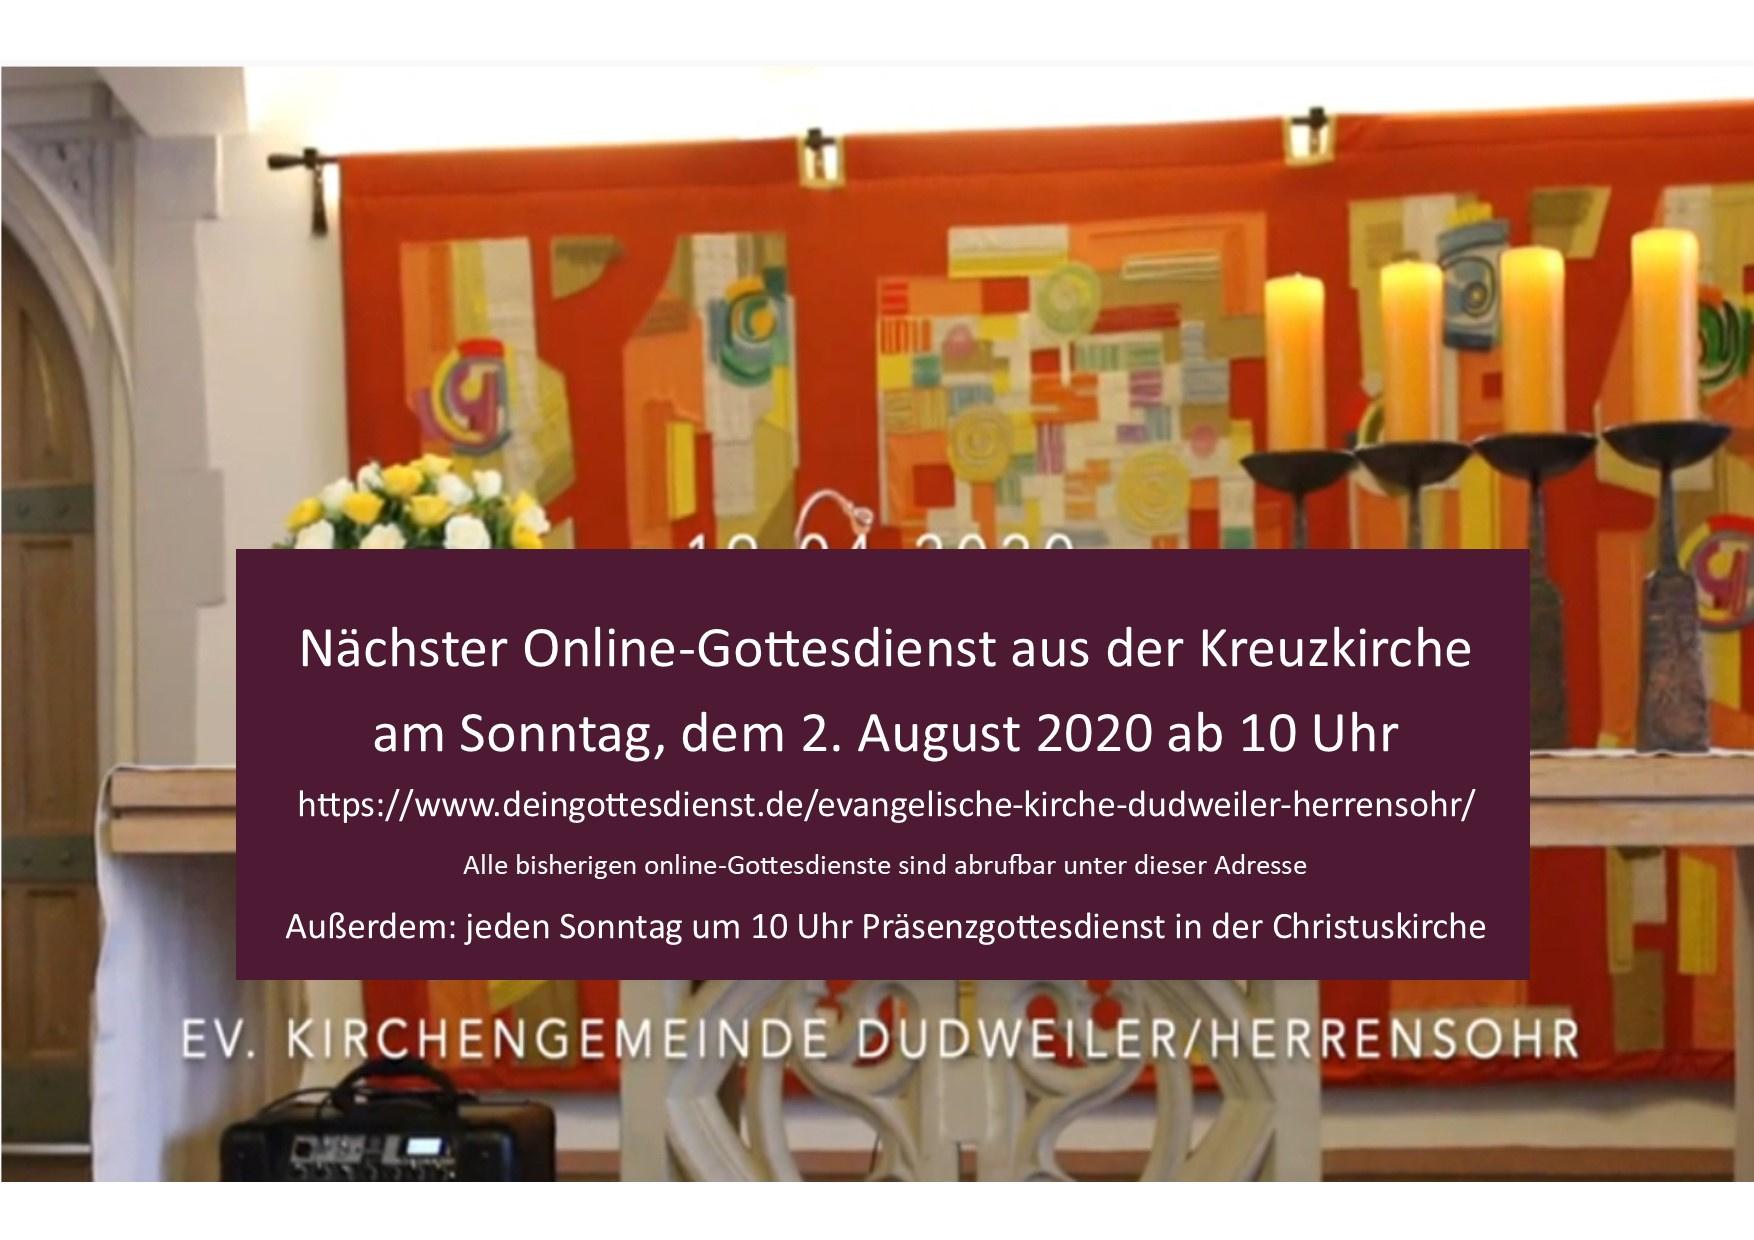 online-Gottesdienst am Sonntag, 2. August um 10 Uhr